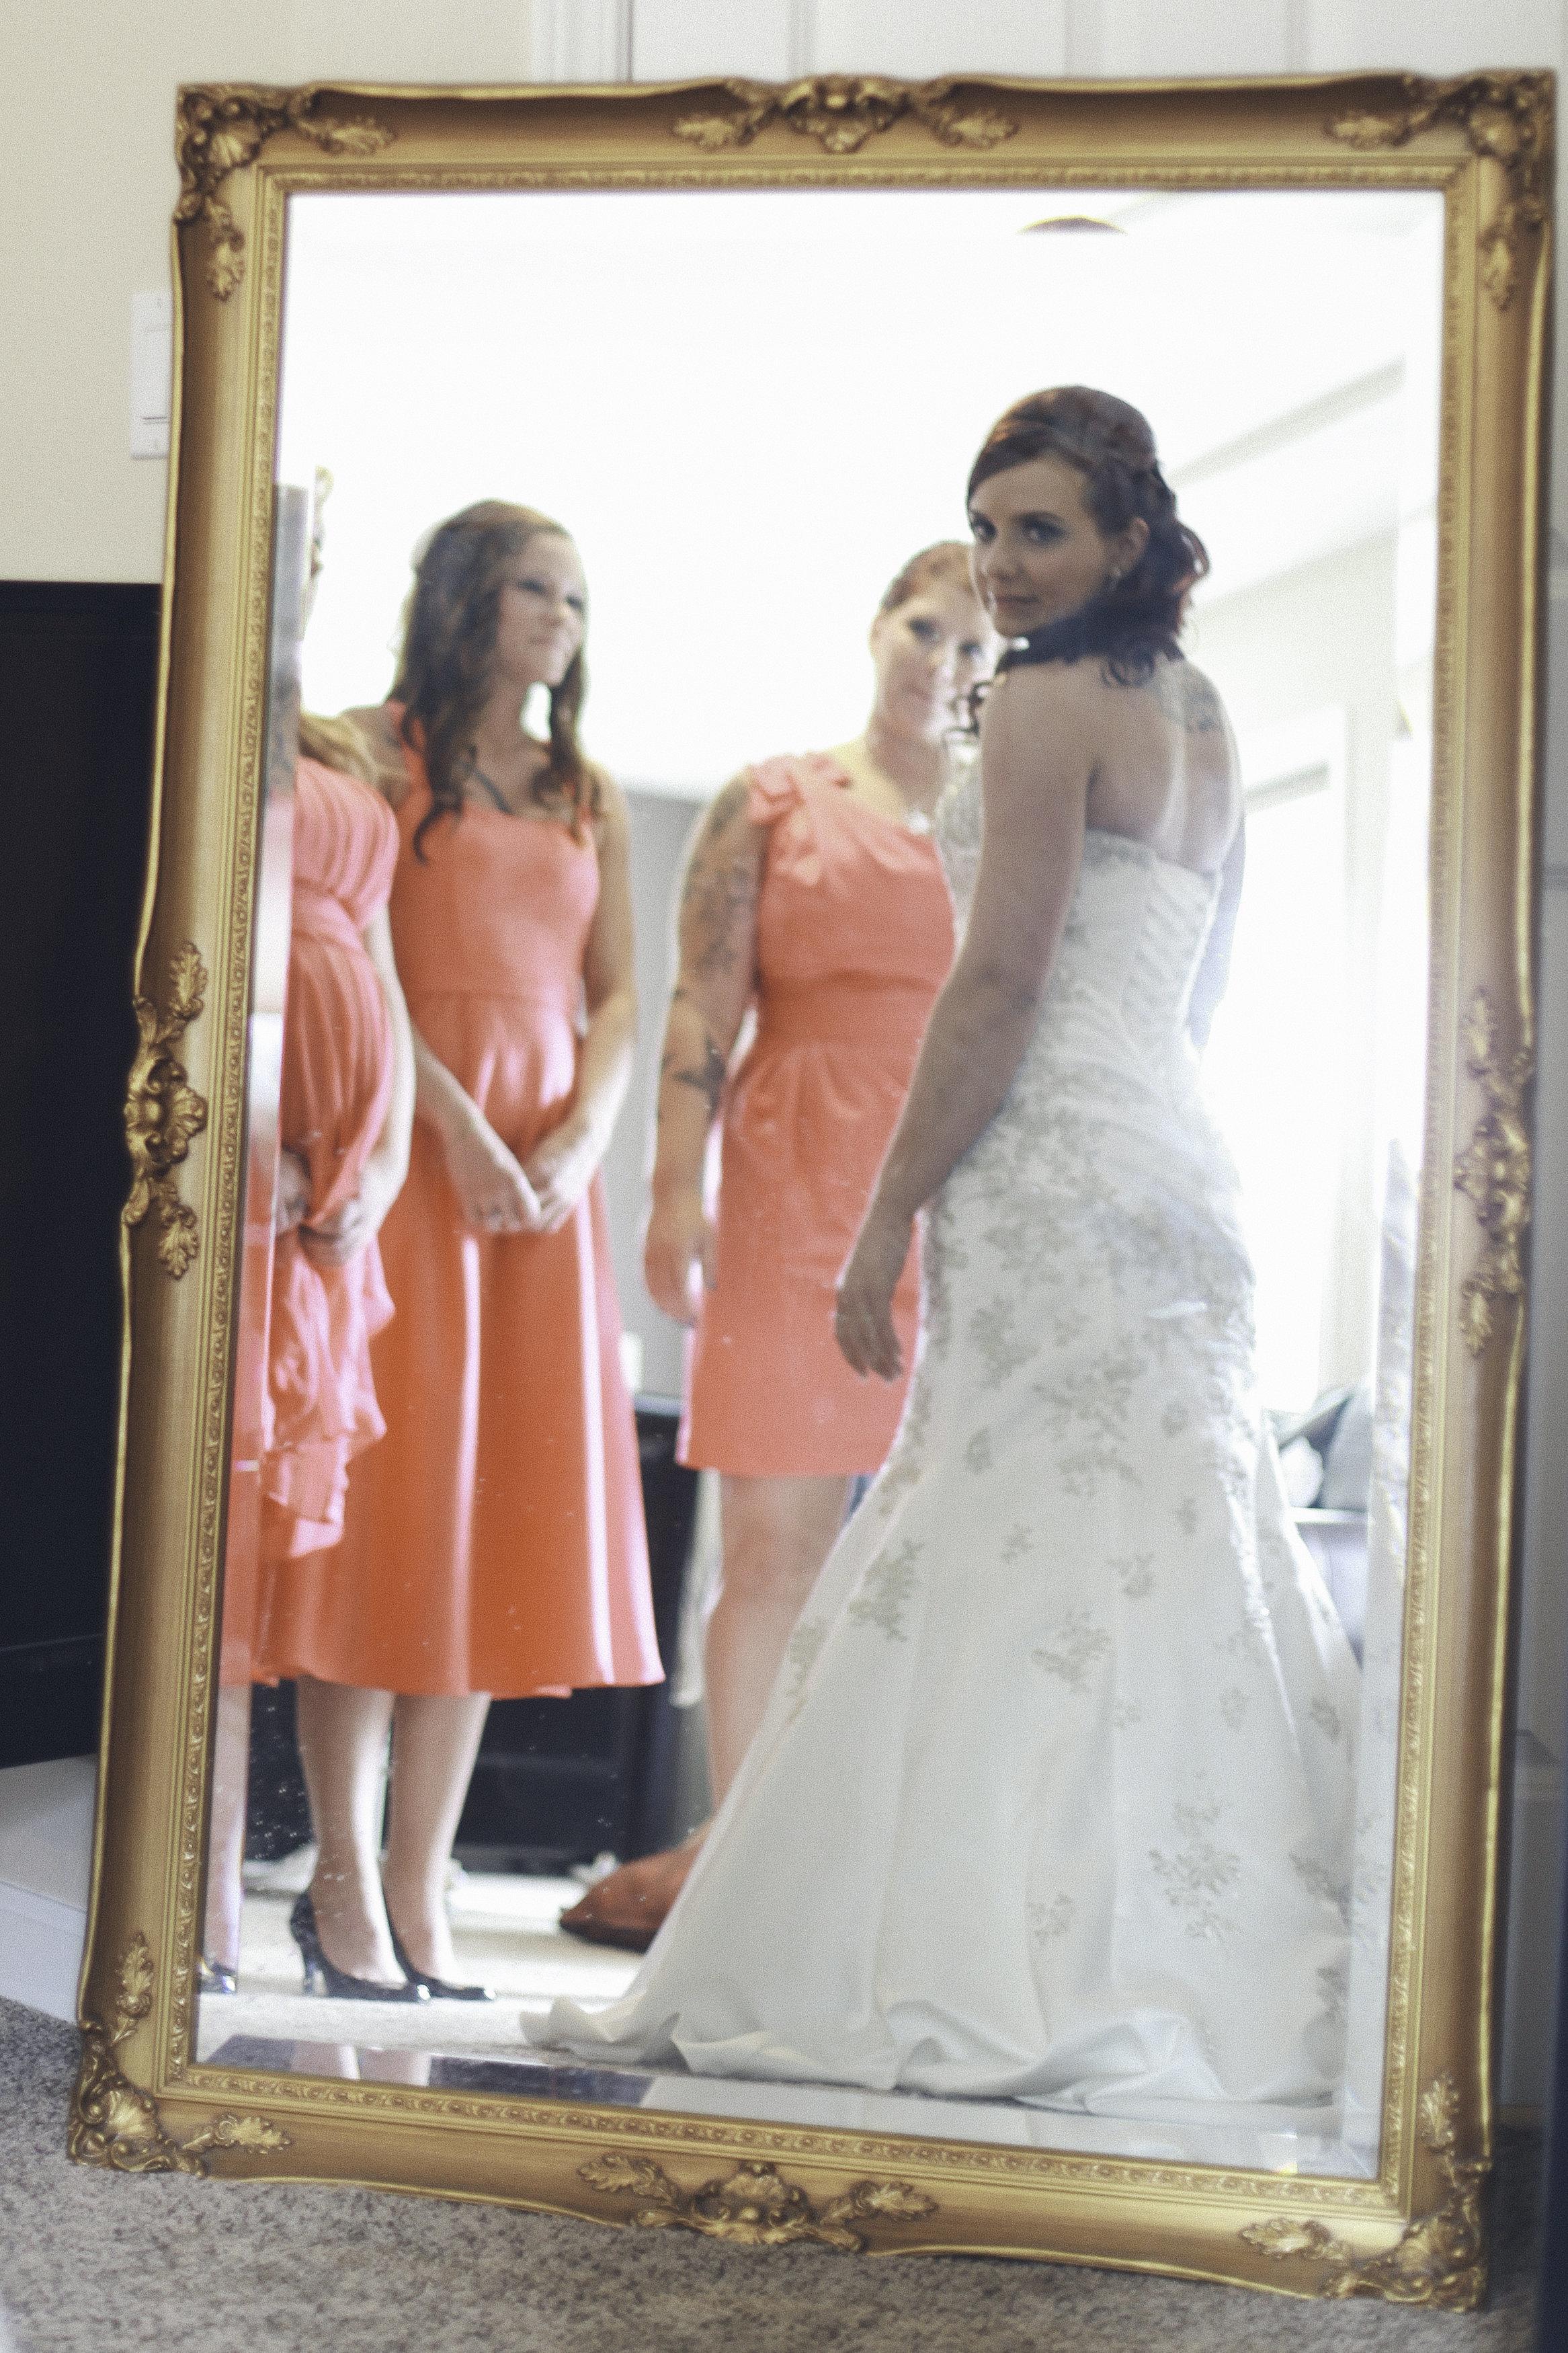 Devon Sara Married-Devon Sara-0027.jpg